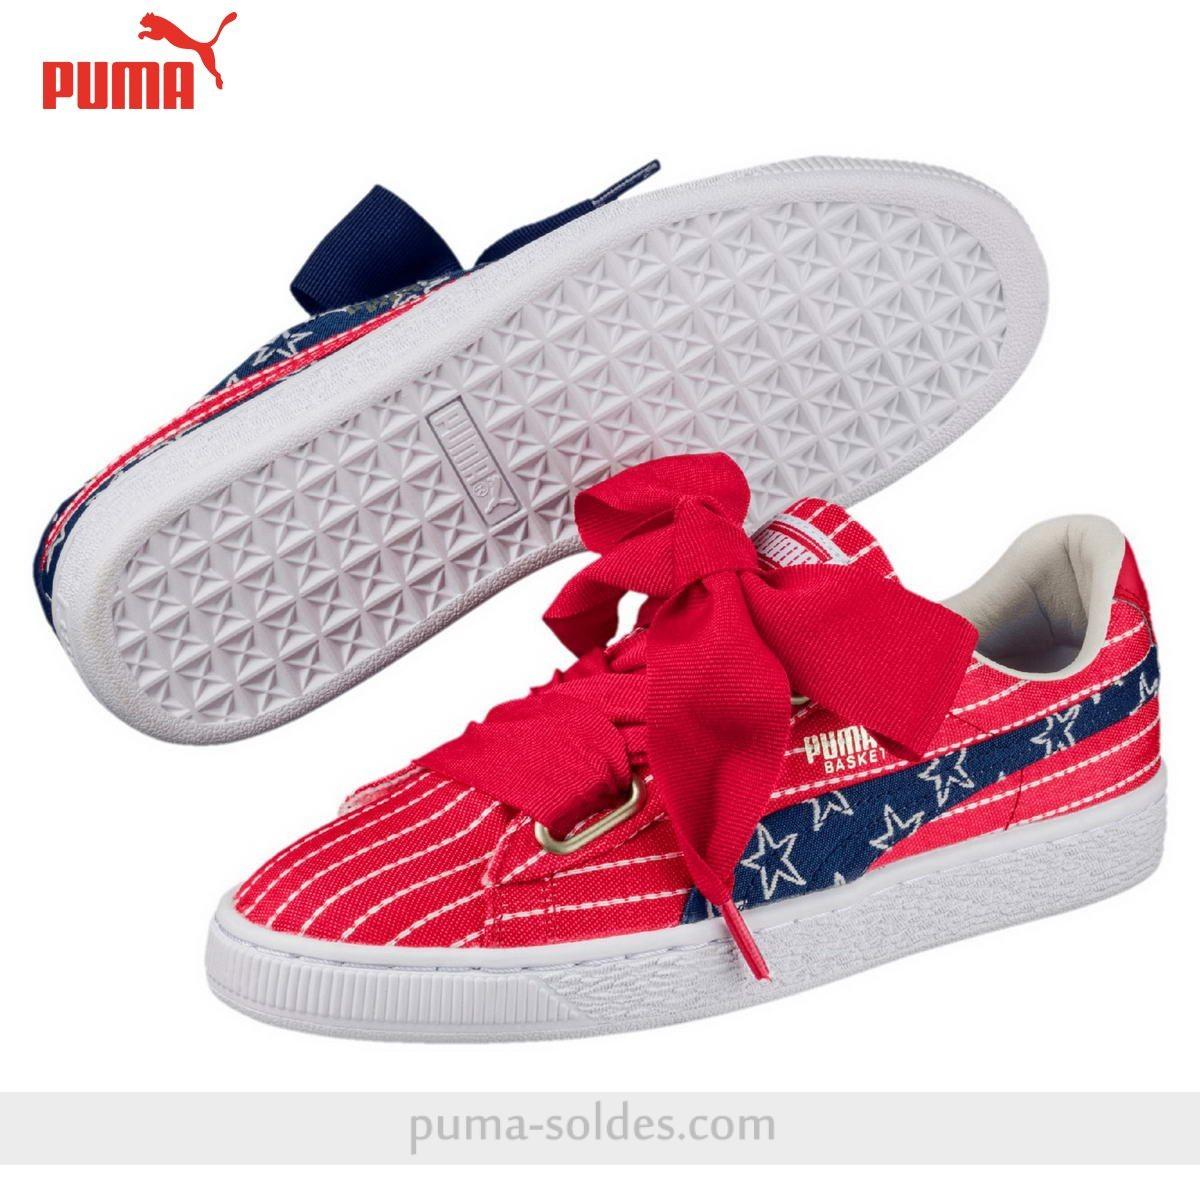 puma achat de chaussure Puma Sneakers Noir Fibres textiles Femme Chaussures  puma sites chaussures Nouvelle tendance style Sport 13338039MYQ 6d0a5c367f6